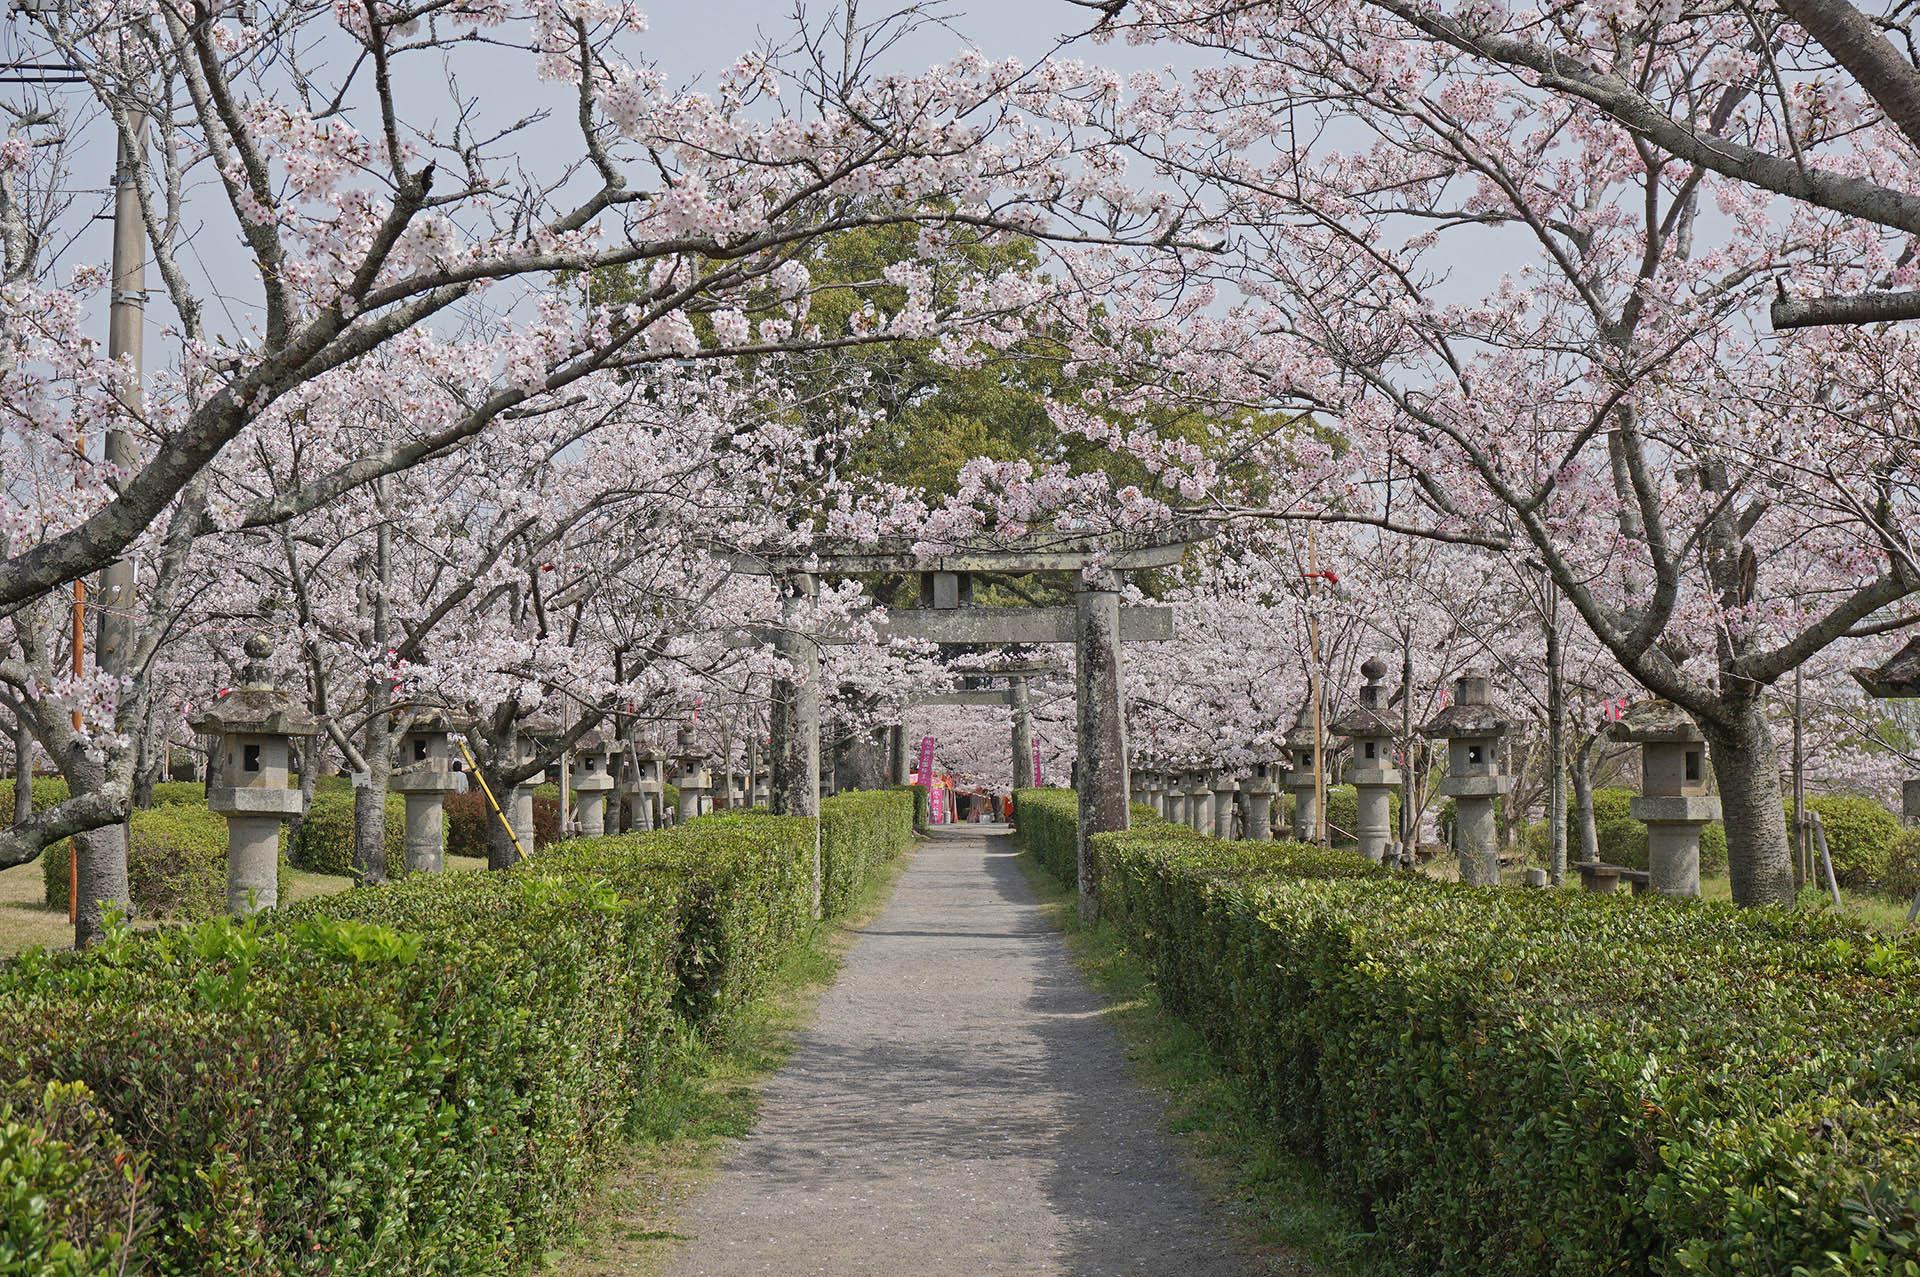 旭ヶ岡公園の石灯篭と桜